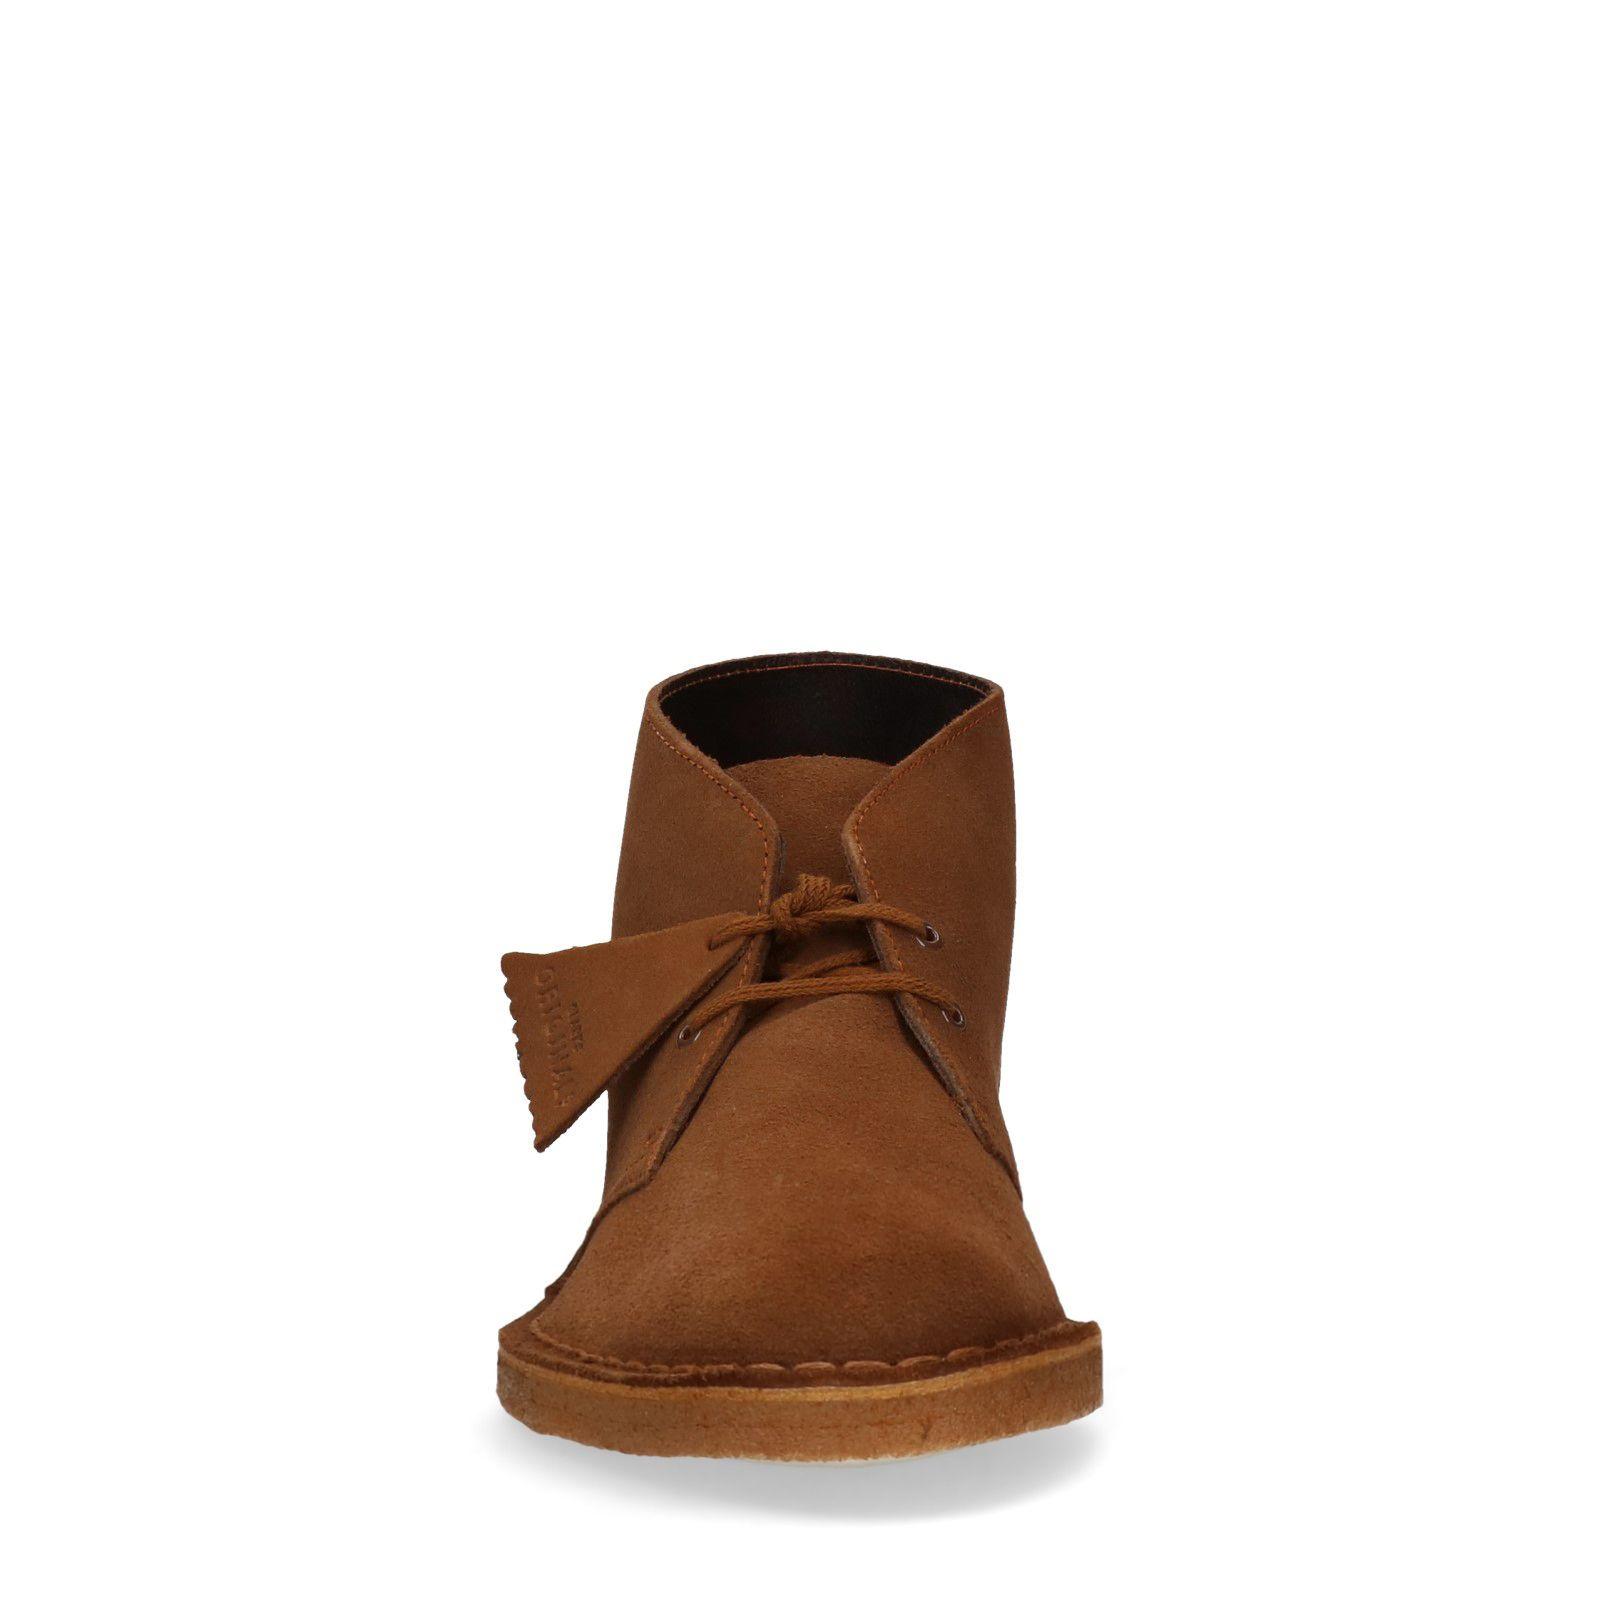 Cognac Desert Boots Su 232 De Heren Manfield